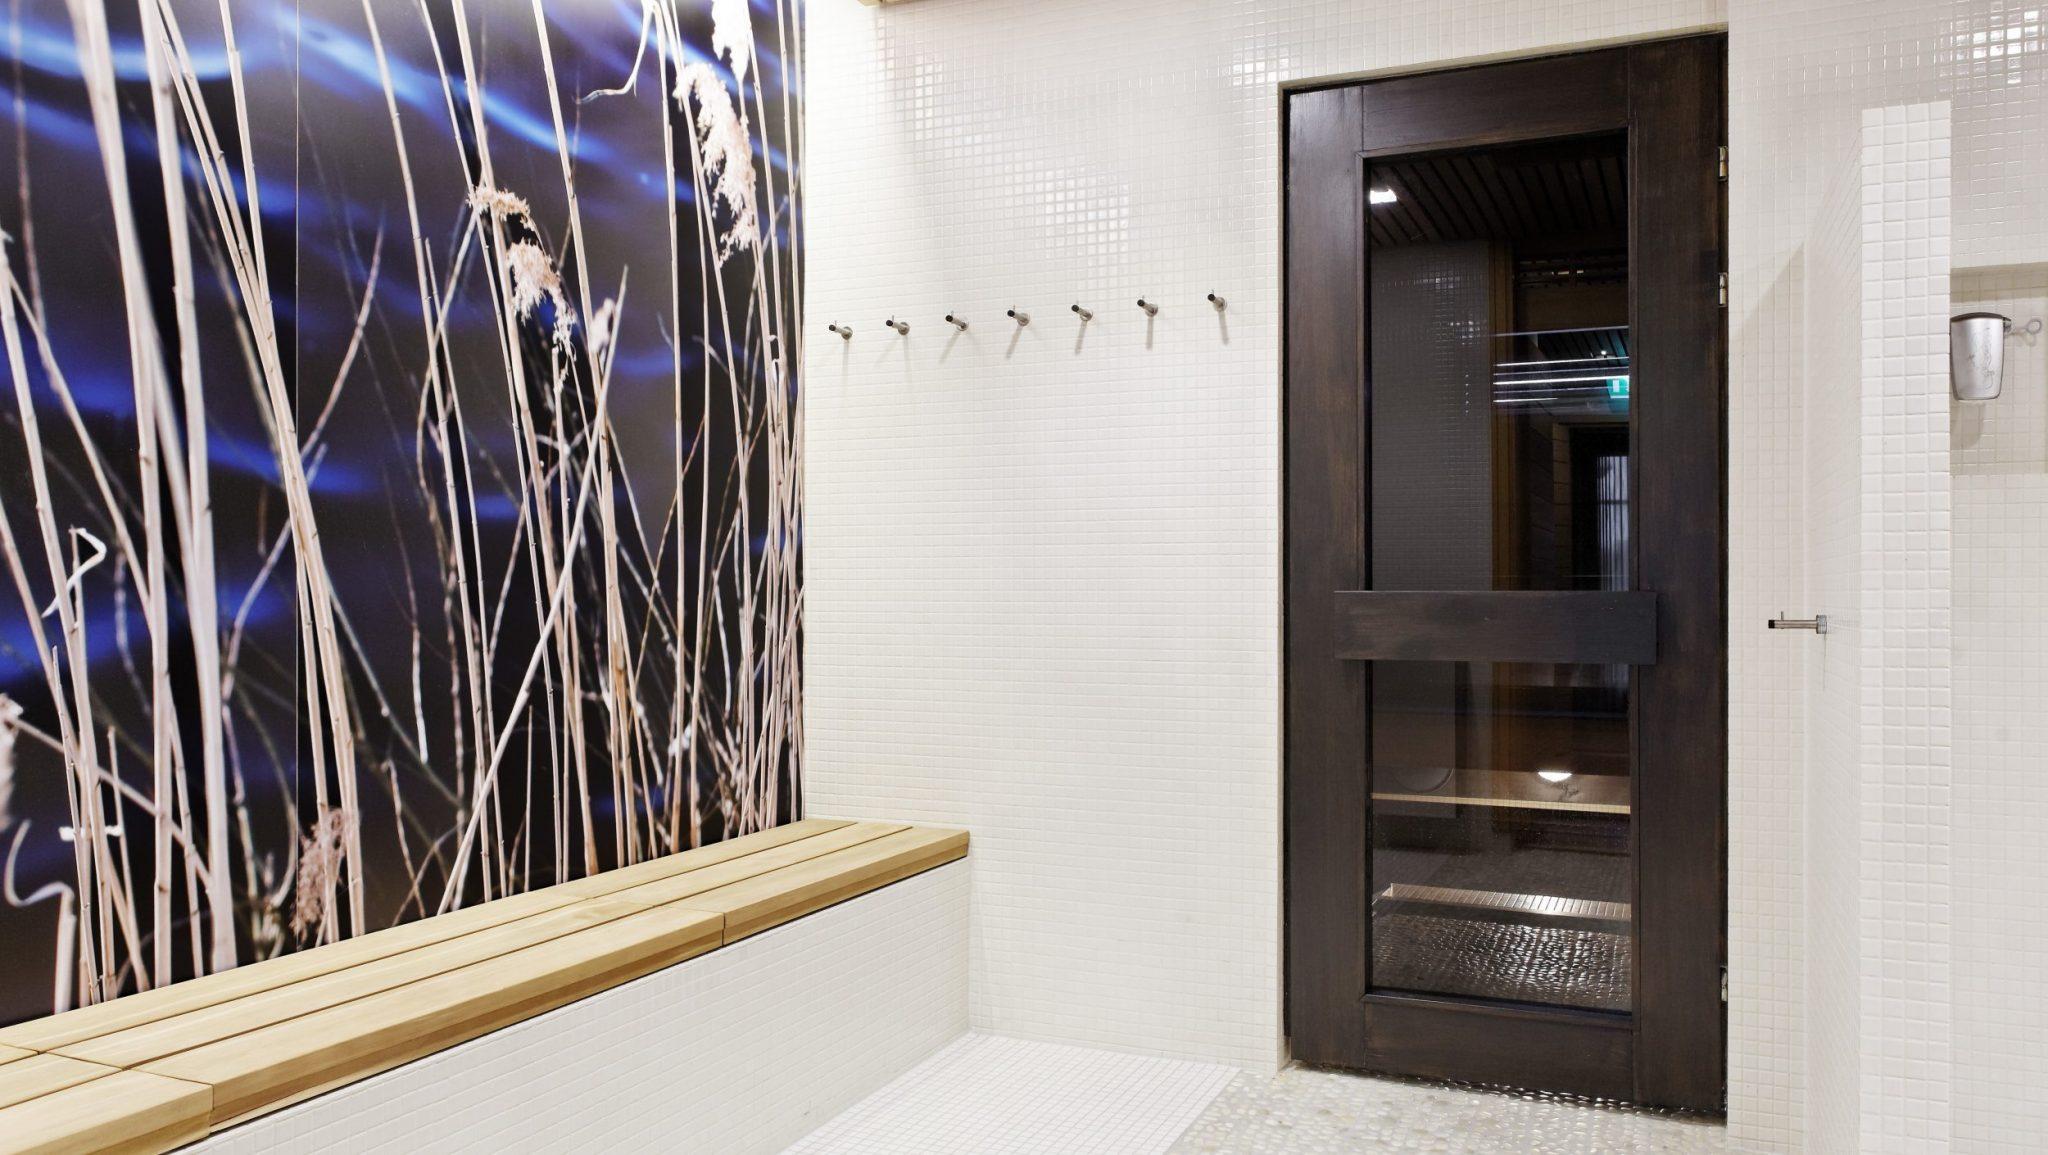 Hewlett-Packard-sauna-area-Espoo-GI-Project-1